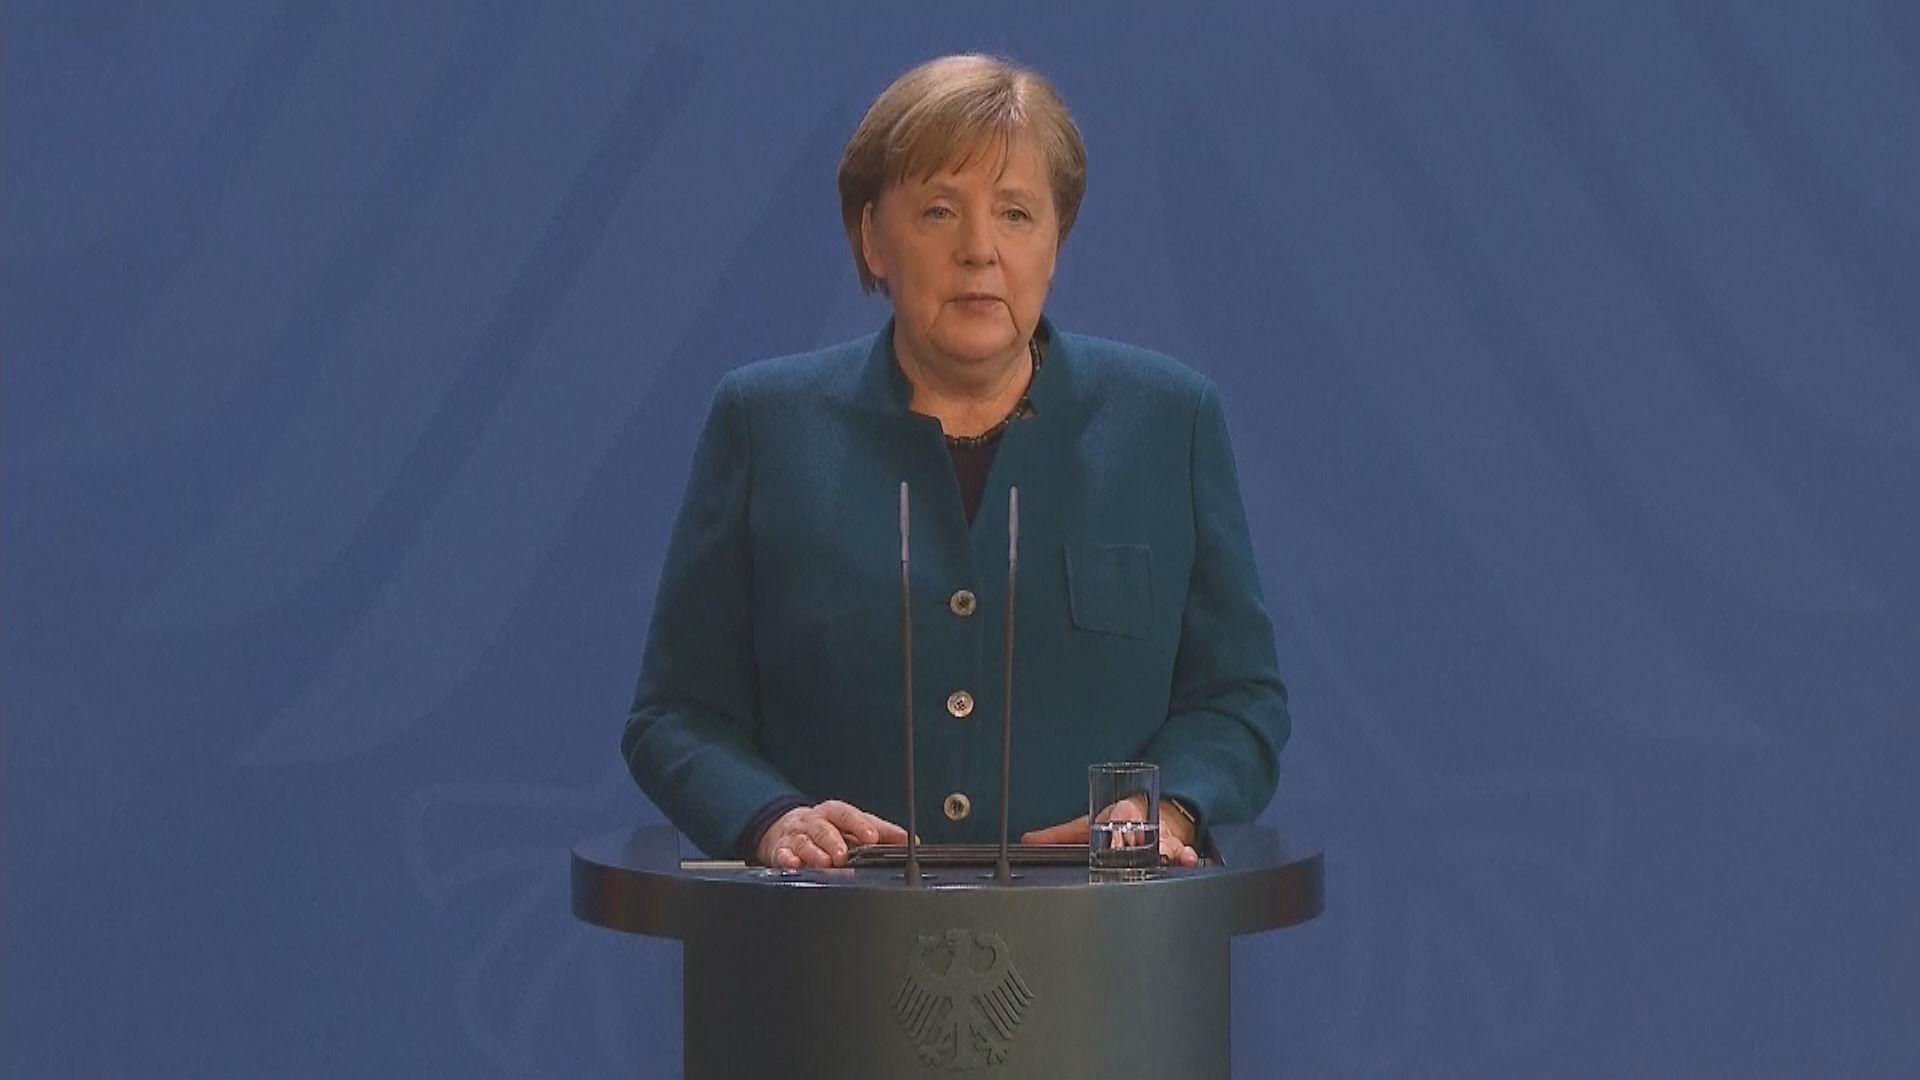 德國禁兩人以上集會 默克爾曾接觸確診患者要隔離